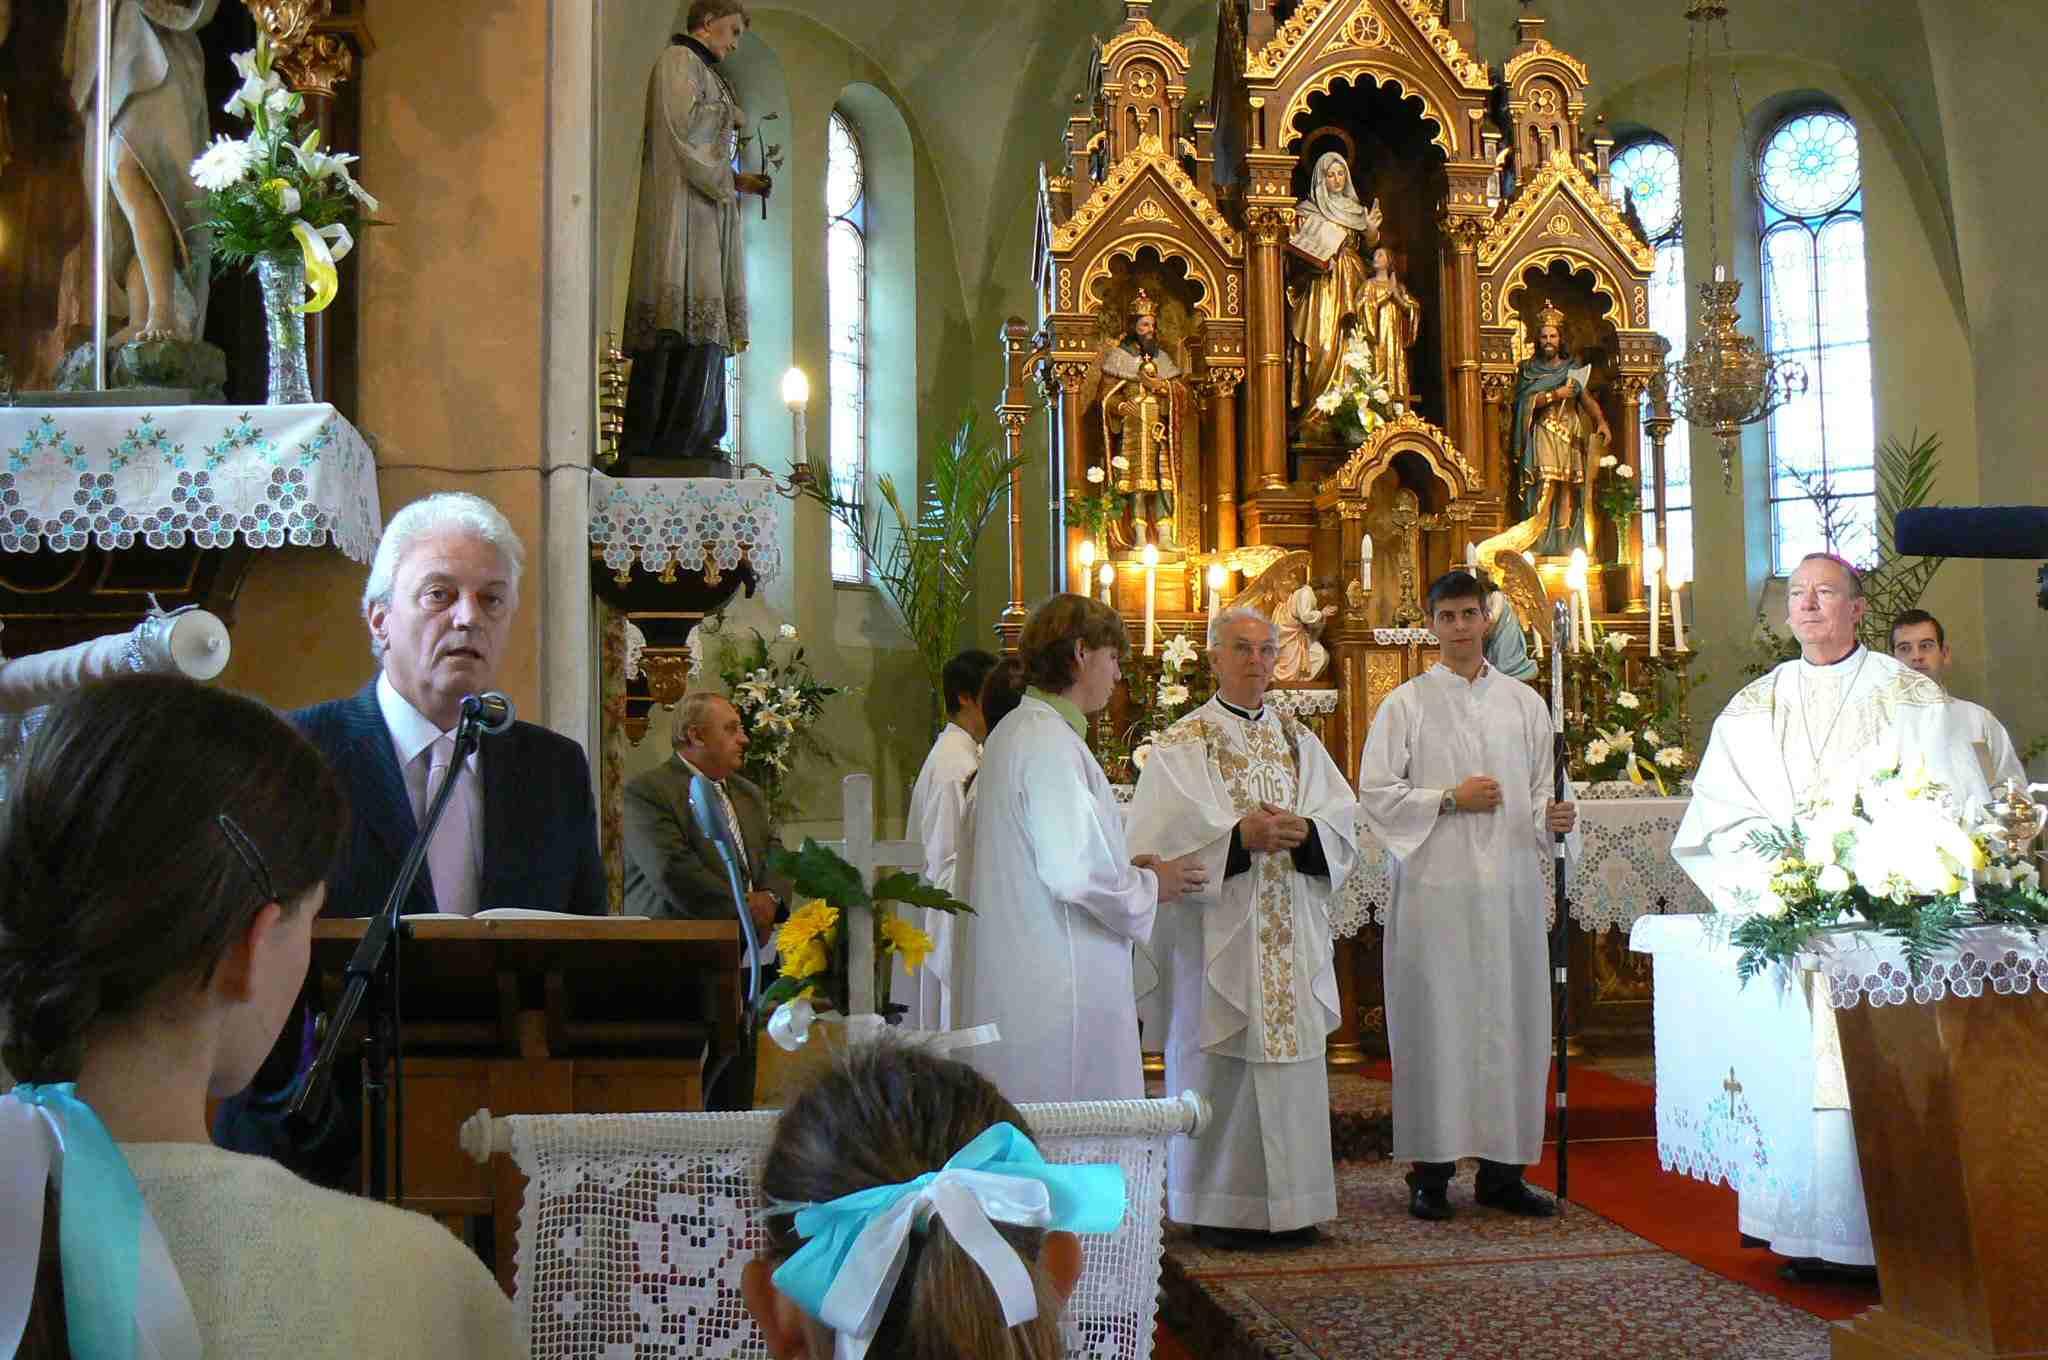 Köszöntése a szentmise elején